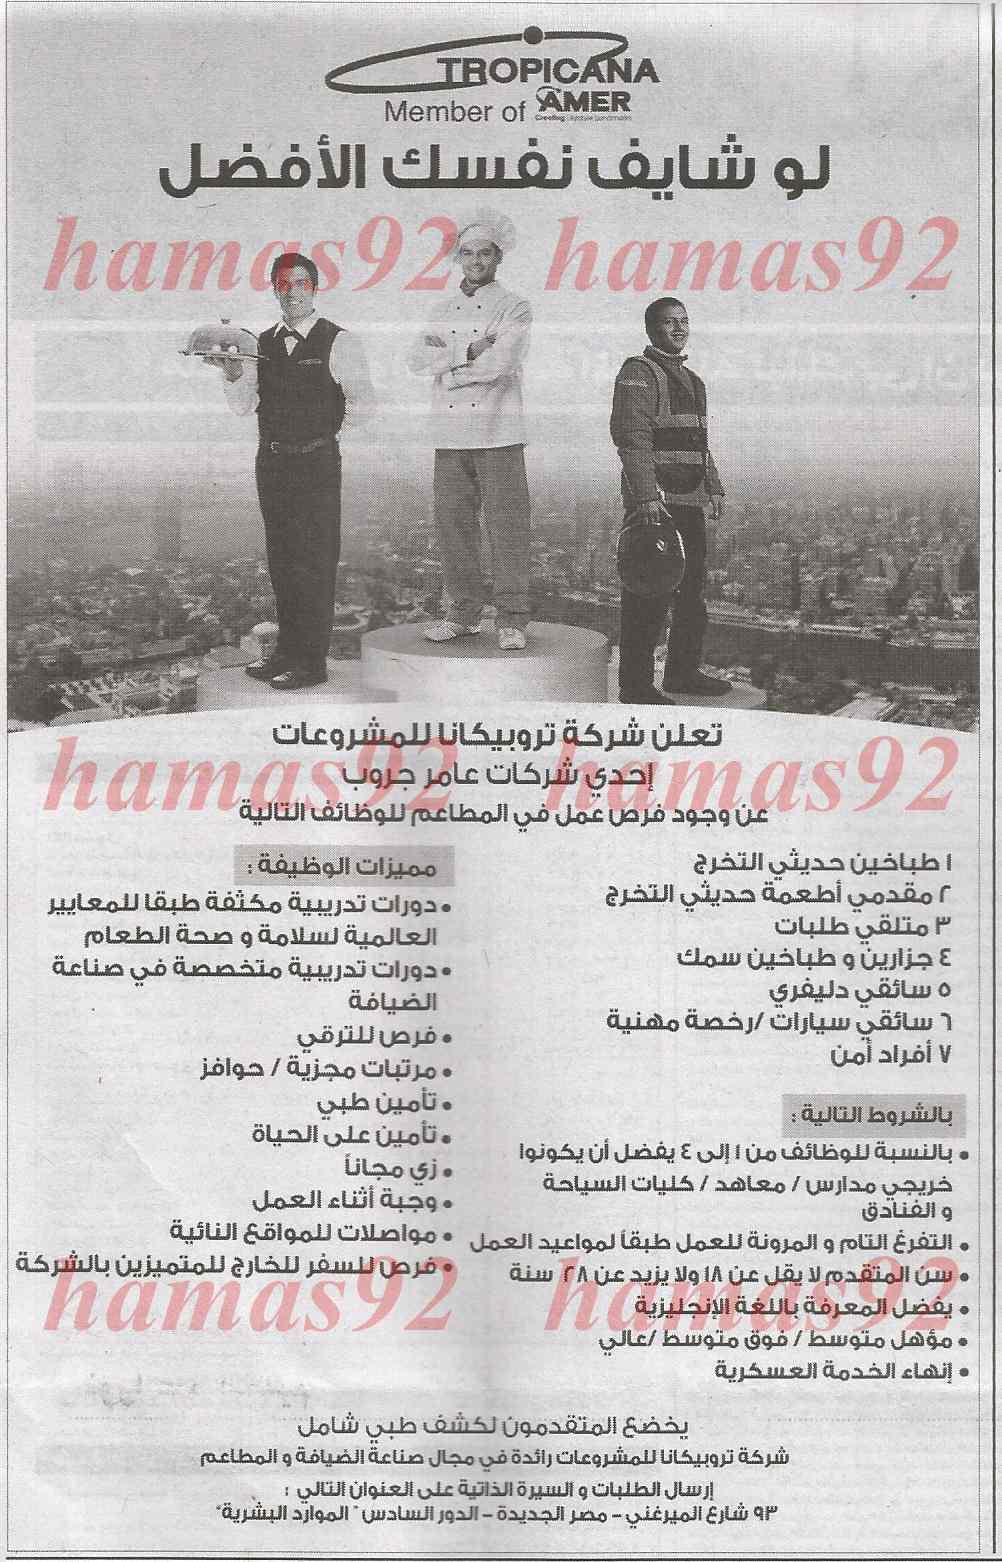 وظائف جريدة الاهرام اليوم الجمعة 18 ابريل 2014 , مدير مكتب فنى و مهندسى مكتب فنى مدنى ومهندسى